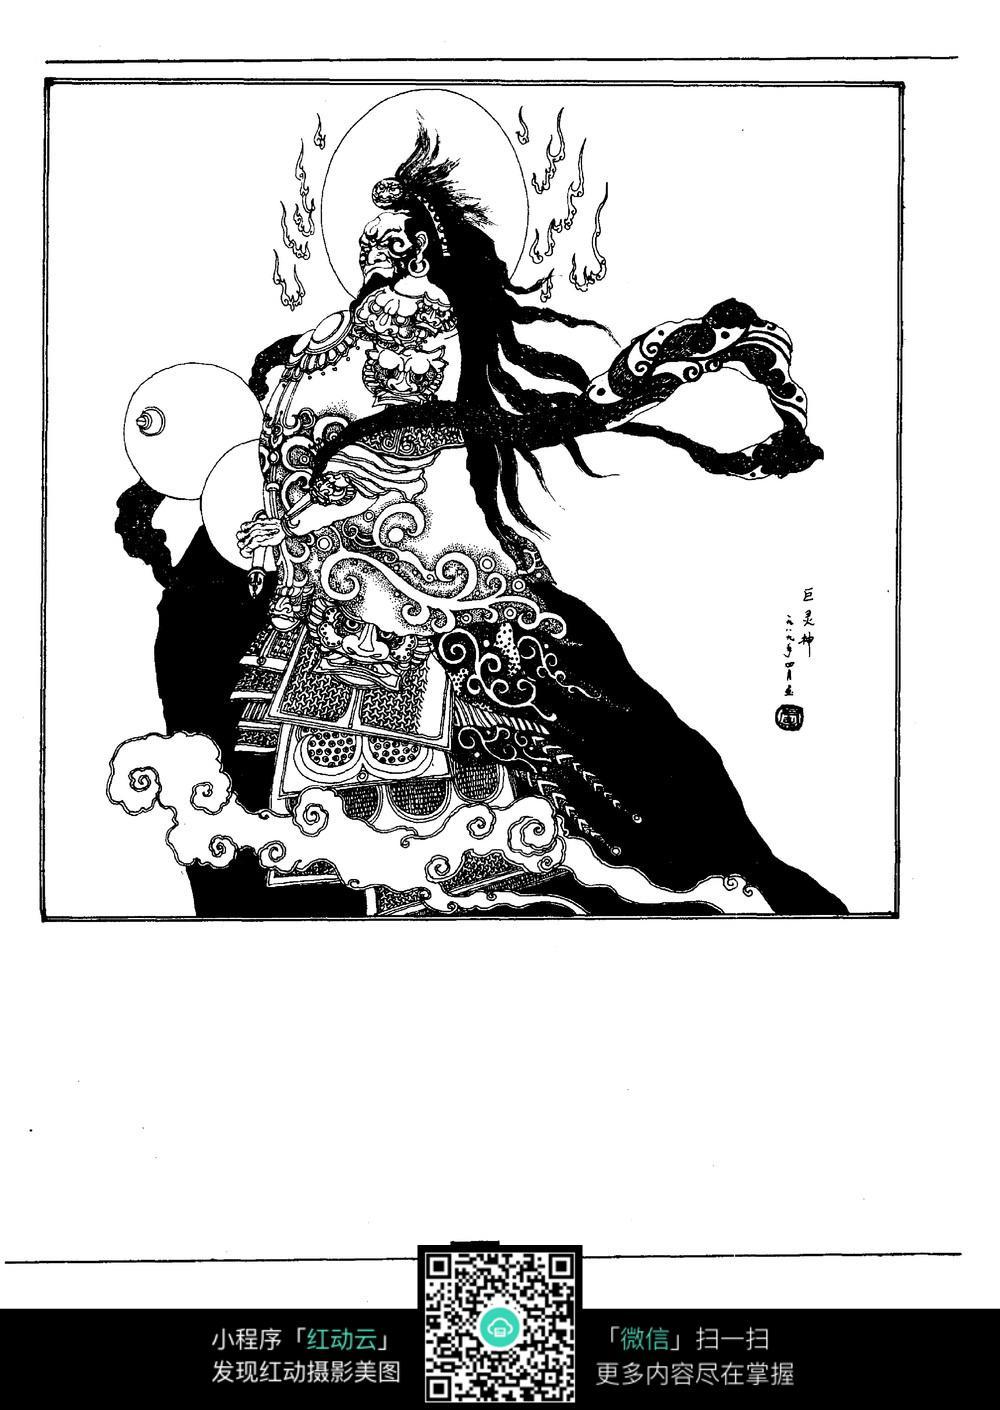 中国火神手绘图图片